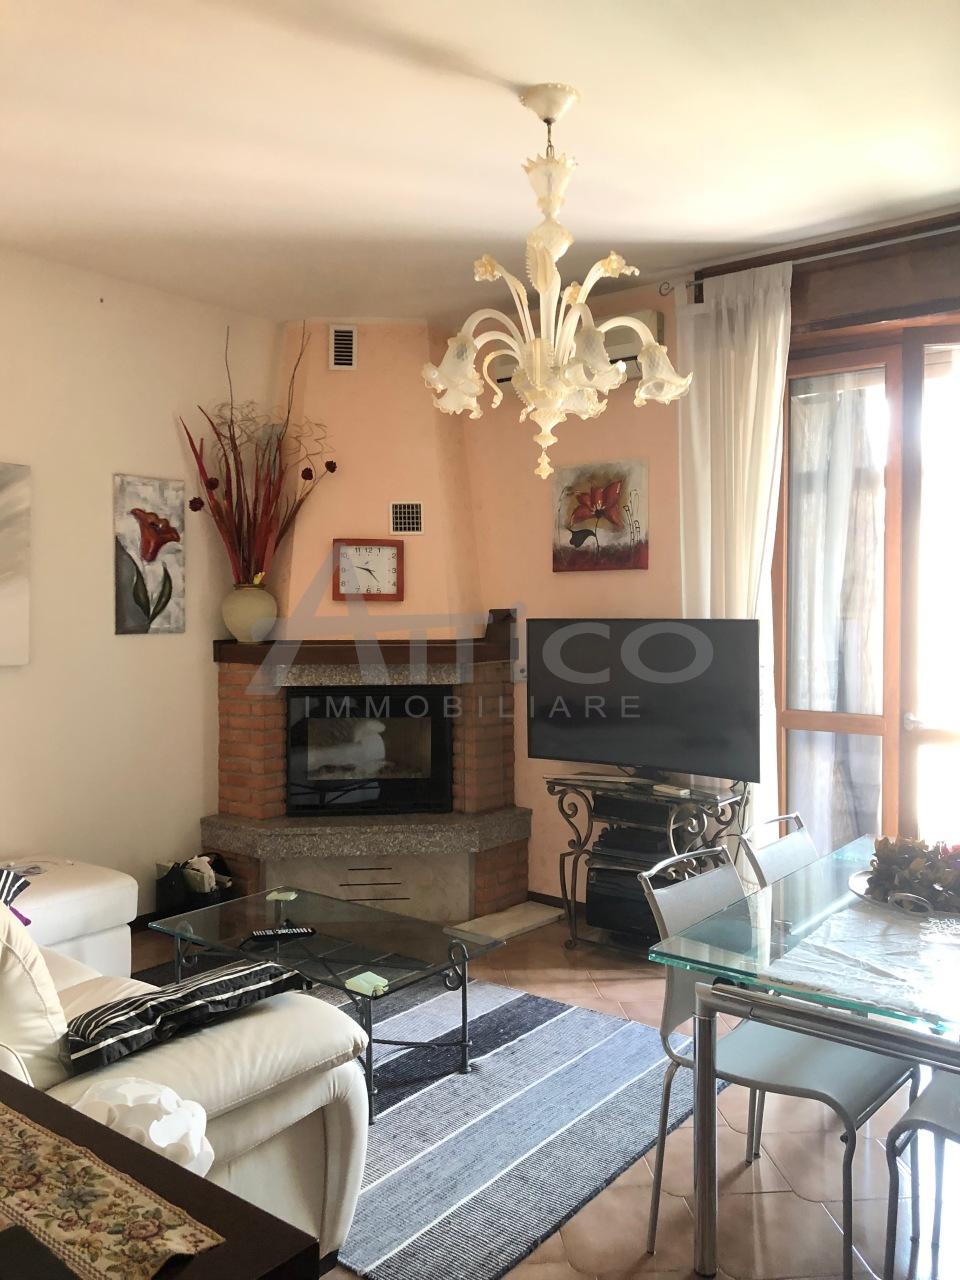 Appartamento - Quadrilocale a Commenda Ovest, Rovigo